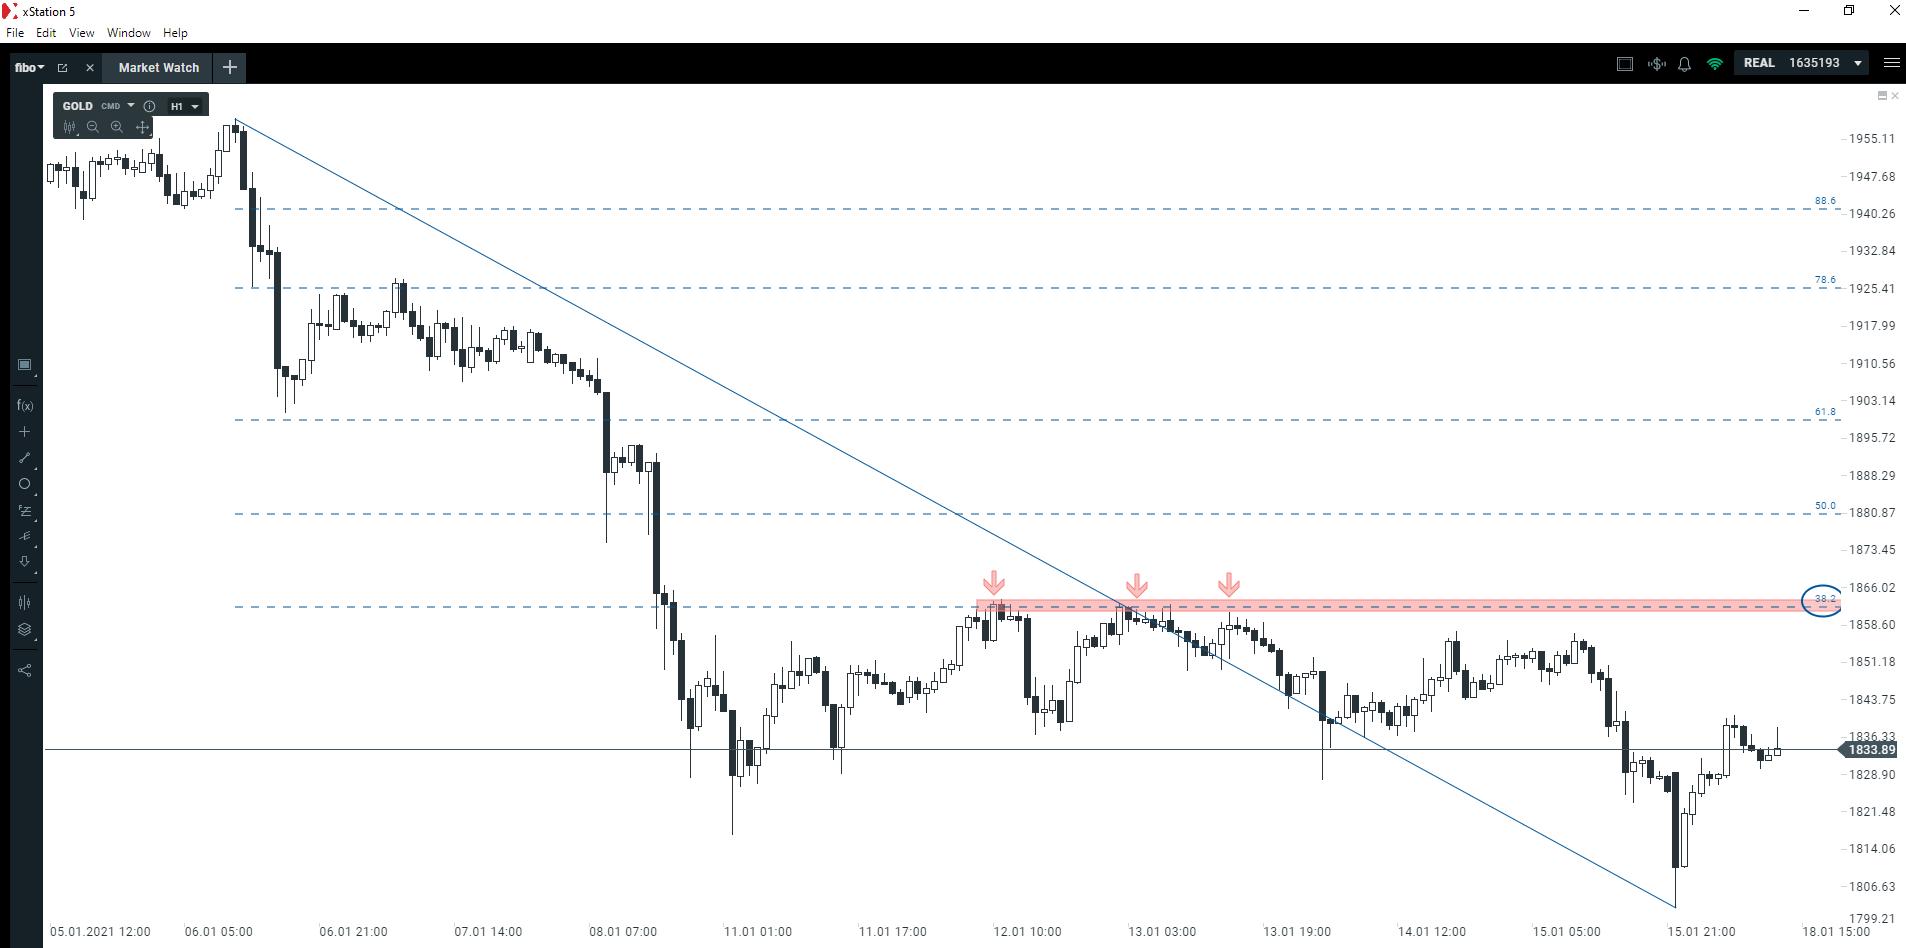 Ceny złota próbują odreagowywać. W jaki poziom warto celować?